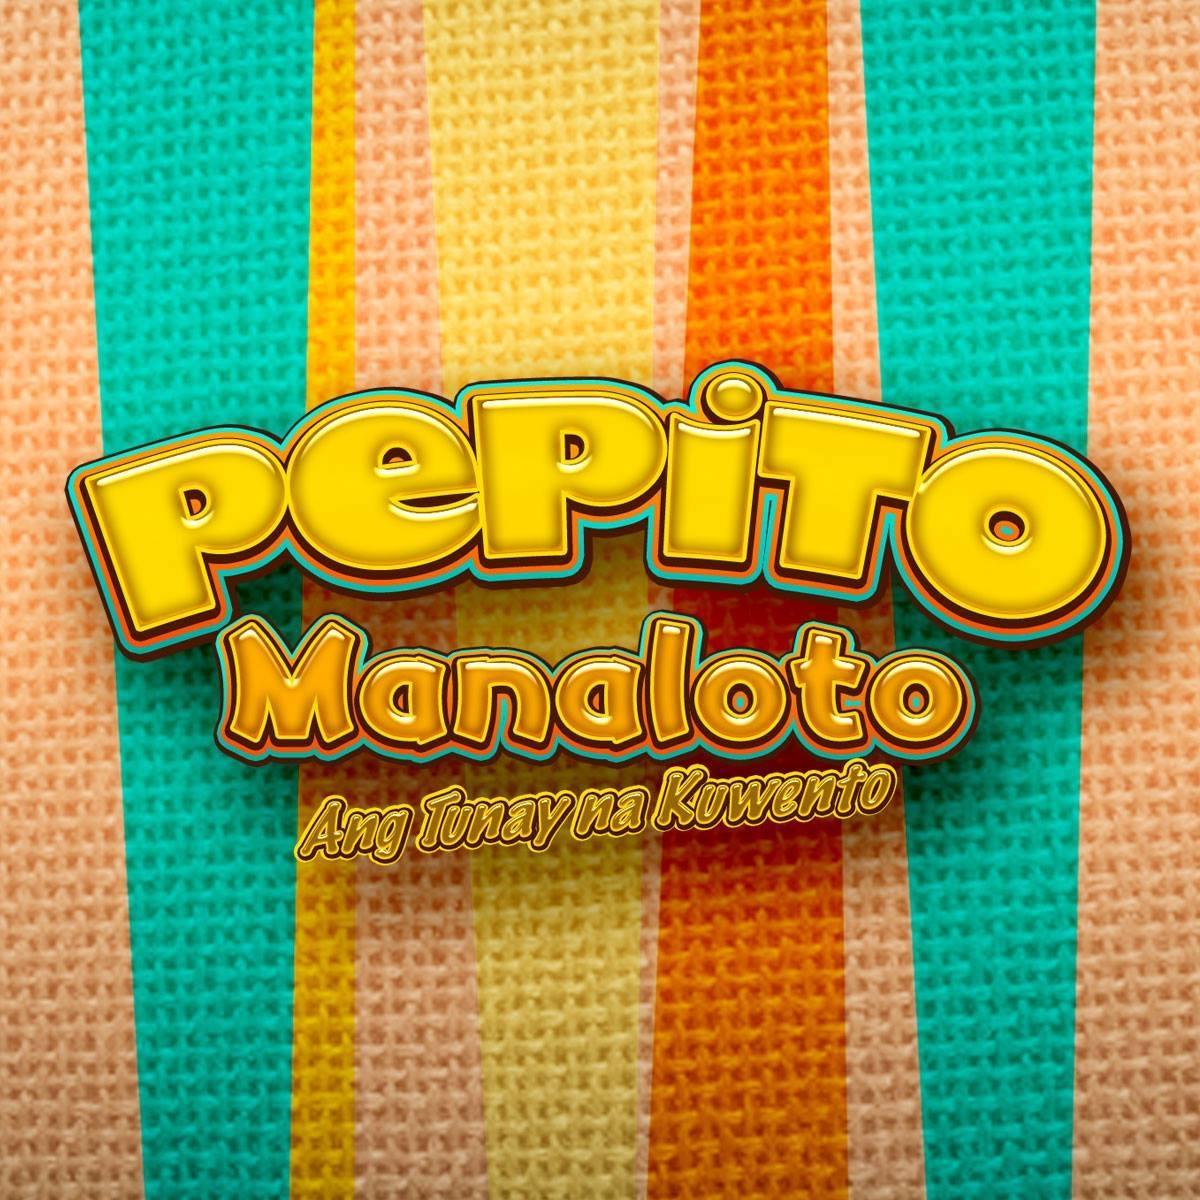 Pepitomanaloto2014titlecard